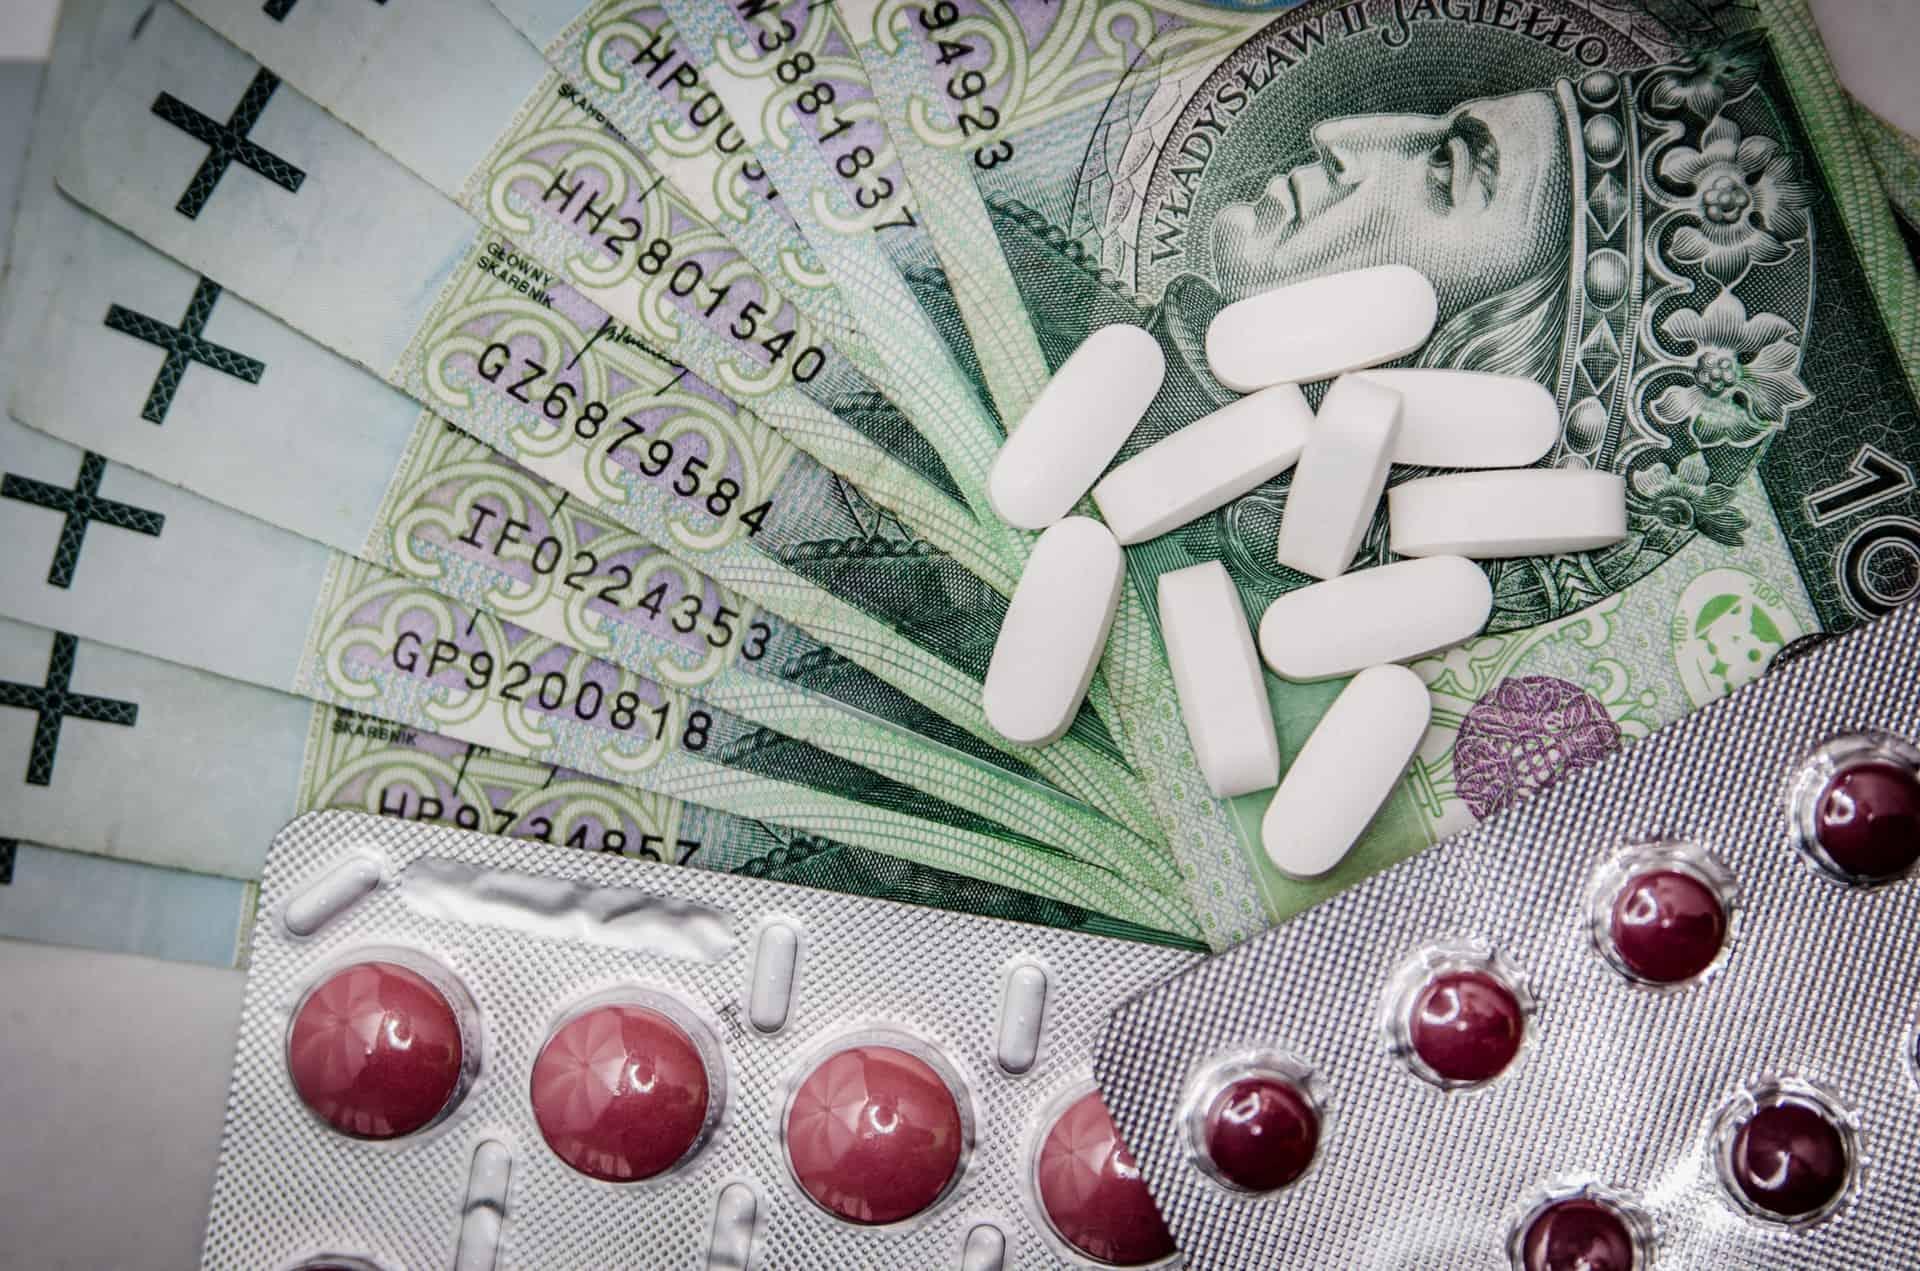 white-oval-medication-pill-beside-blister-pack